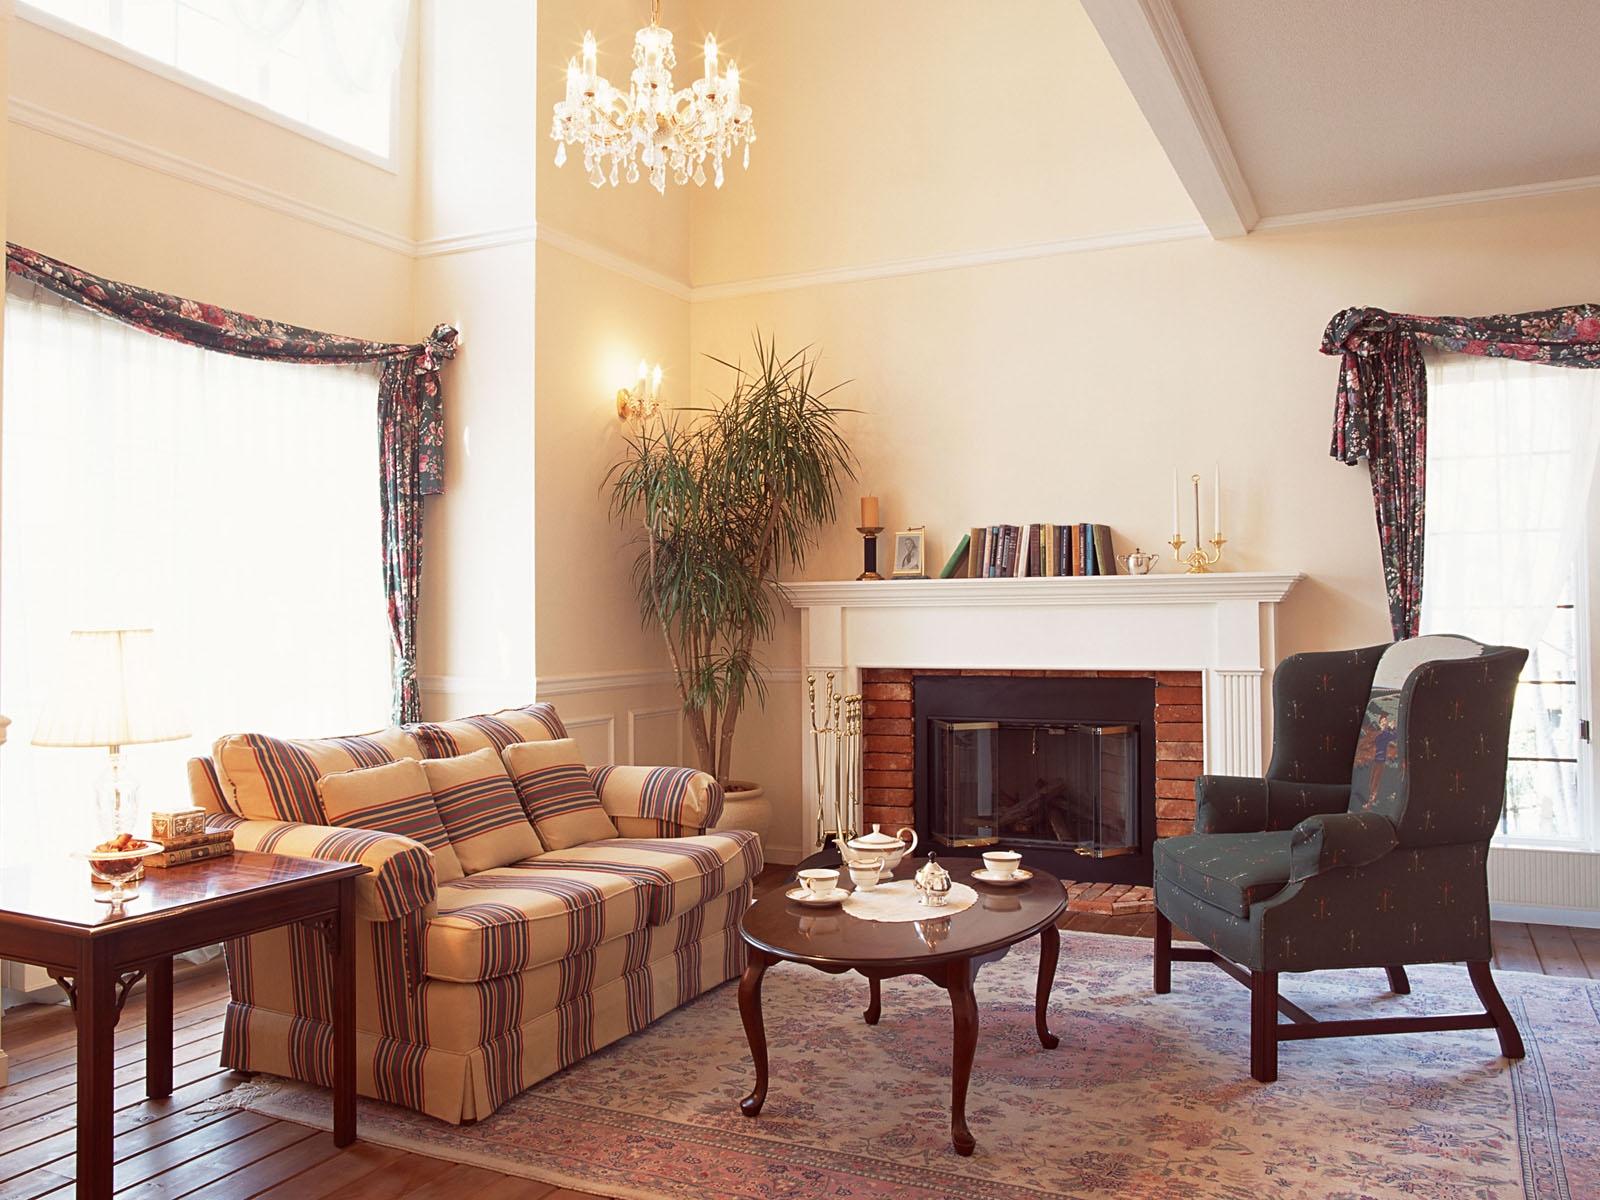 Zimmer Tabelle Holz Sessel Kamin Innenarchitektur Hütte Immobilien Esszimmer  Sofa Stock Stil Zuhause Decke Hartholz Villa